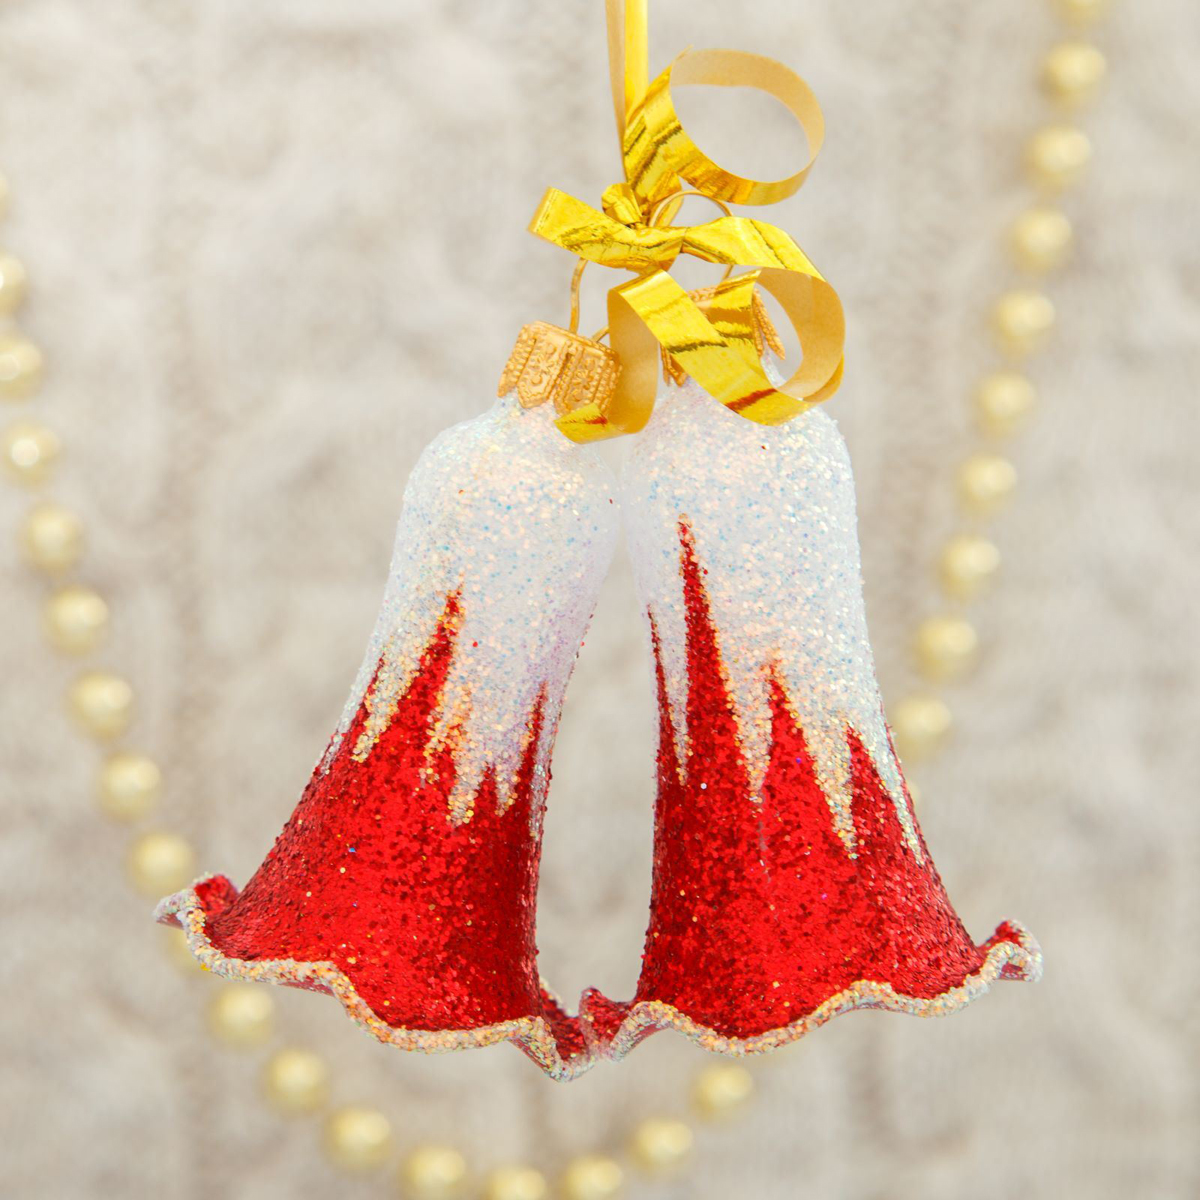 Набор новогодних подвесных украшений Ёлочка Звонкий, 4 шт2564829Набор новогодних подвесных украшений Ёлочка отлично подойдет для декорации вашего дома и новогодней ели. С помощью специальной петельки украшение можно повесить в любом понравившемся вам месте. Но, конечно, удачнее всего оно будет смотреться на праздничной елке. Елочная игрушка - символ Нового года. Она несет в себе волшебство и красоту праздника. Создайте в своем доме атмосферу веселья и радости, украшая новогоднюю елку нарядными игрушками, которые будут из года в год накапливать теплоту воспоминаний.